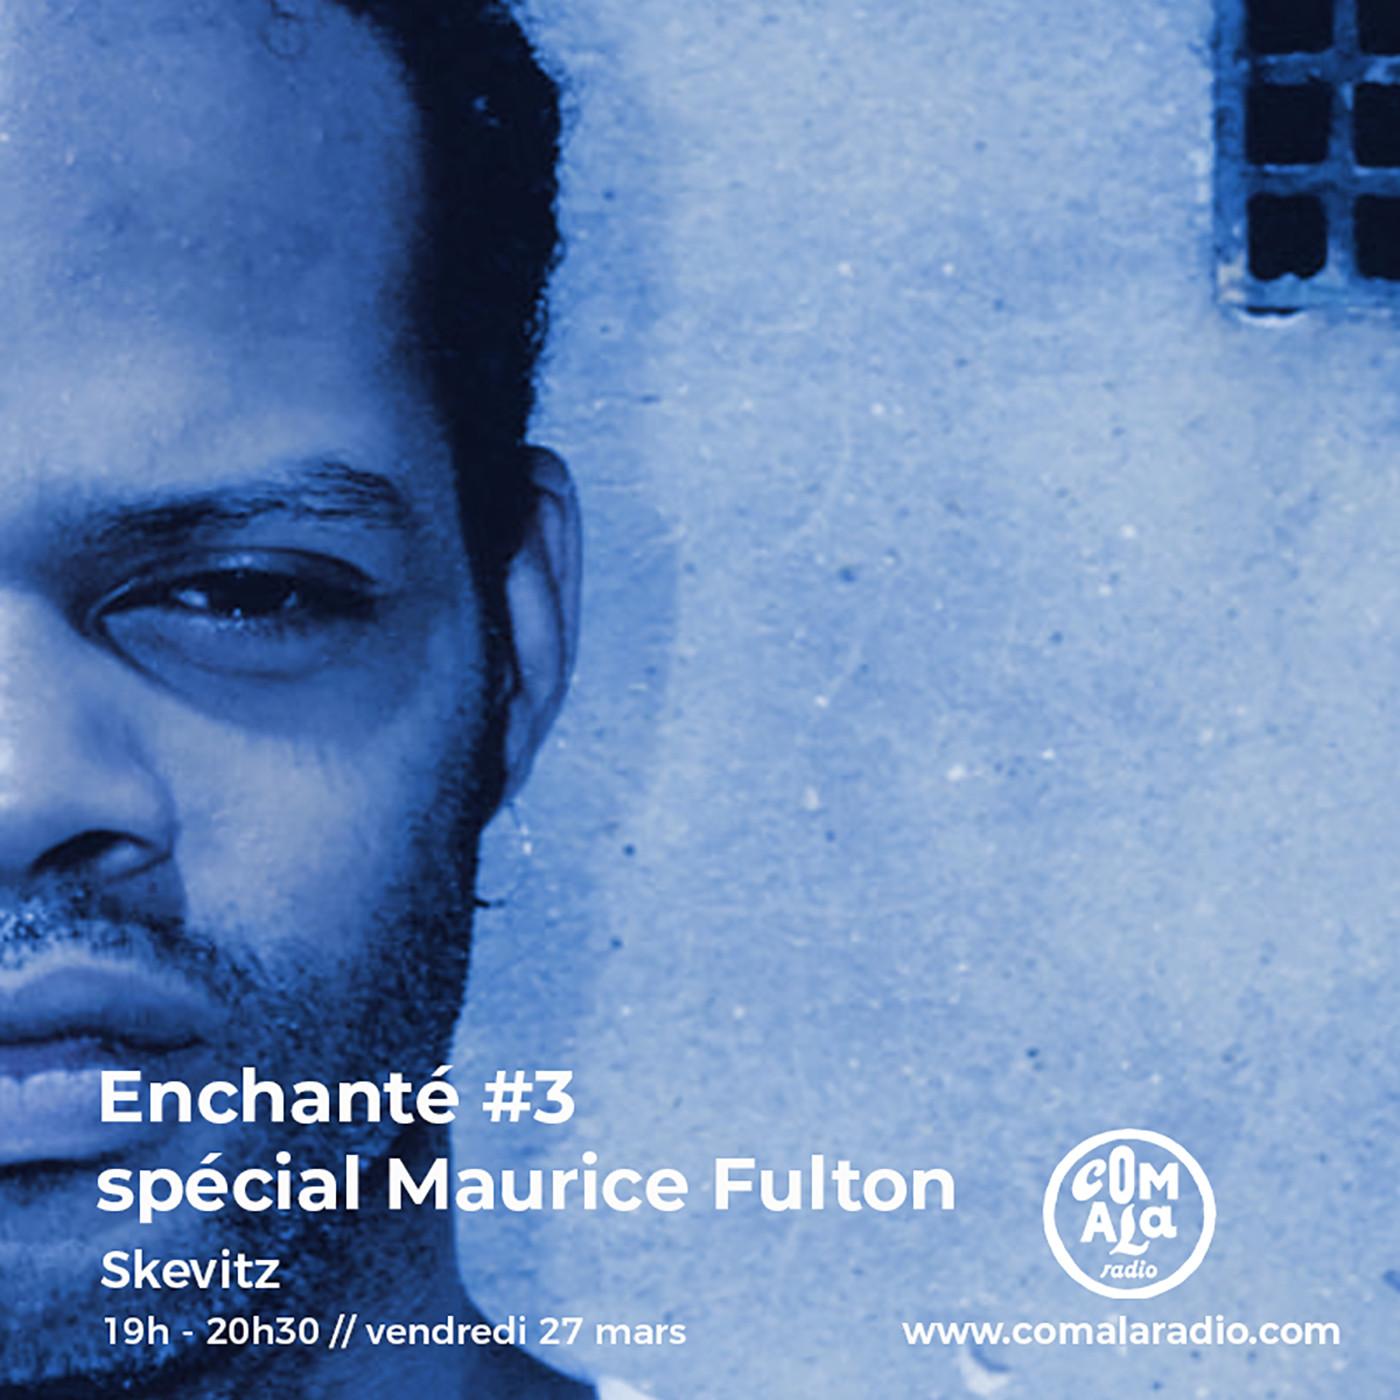 Enchanté #3 - spécial Maurice Fulton